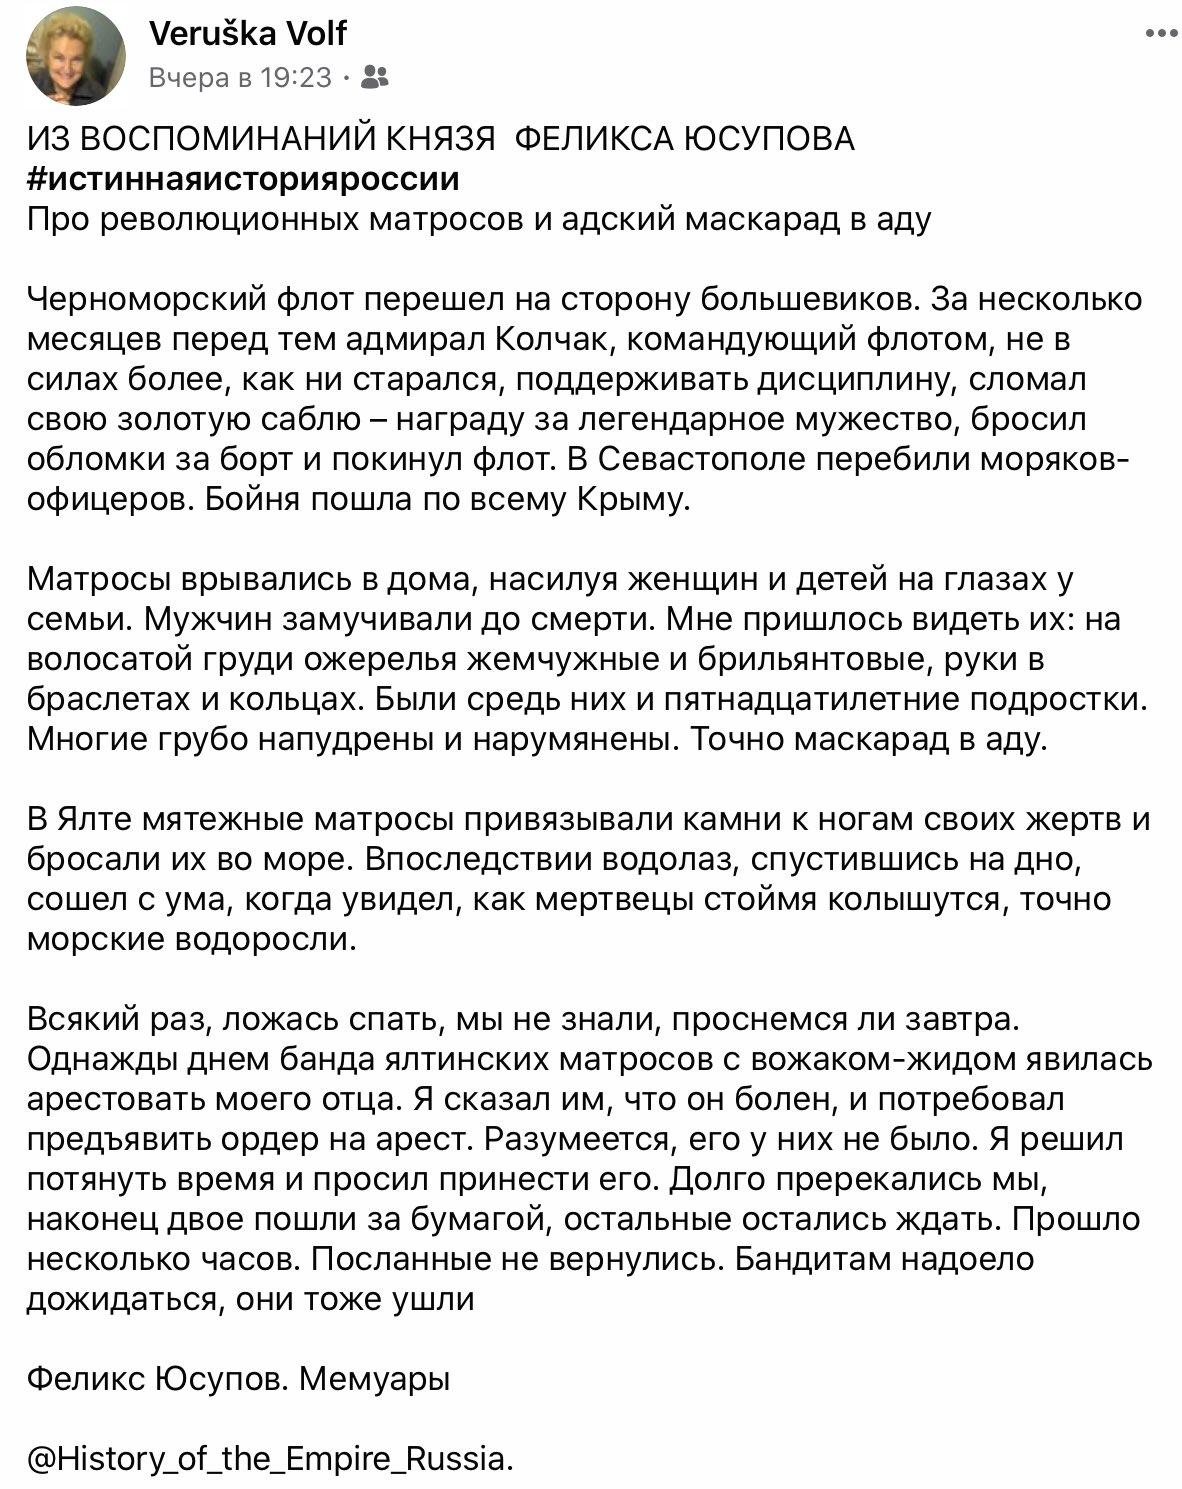 Я не вірю, що Росія має намір завершити війну, - Волкер - Цензор.НЕТ 3728